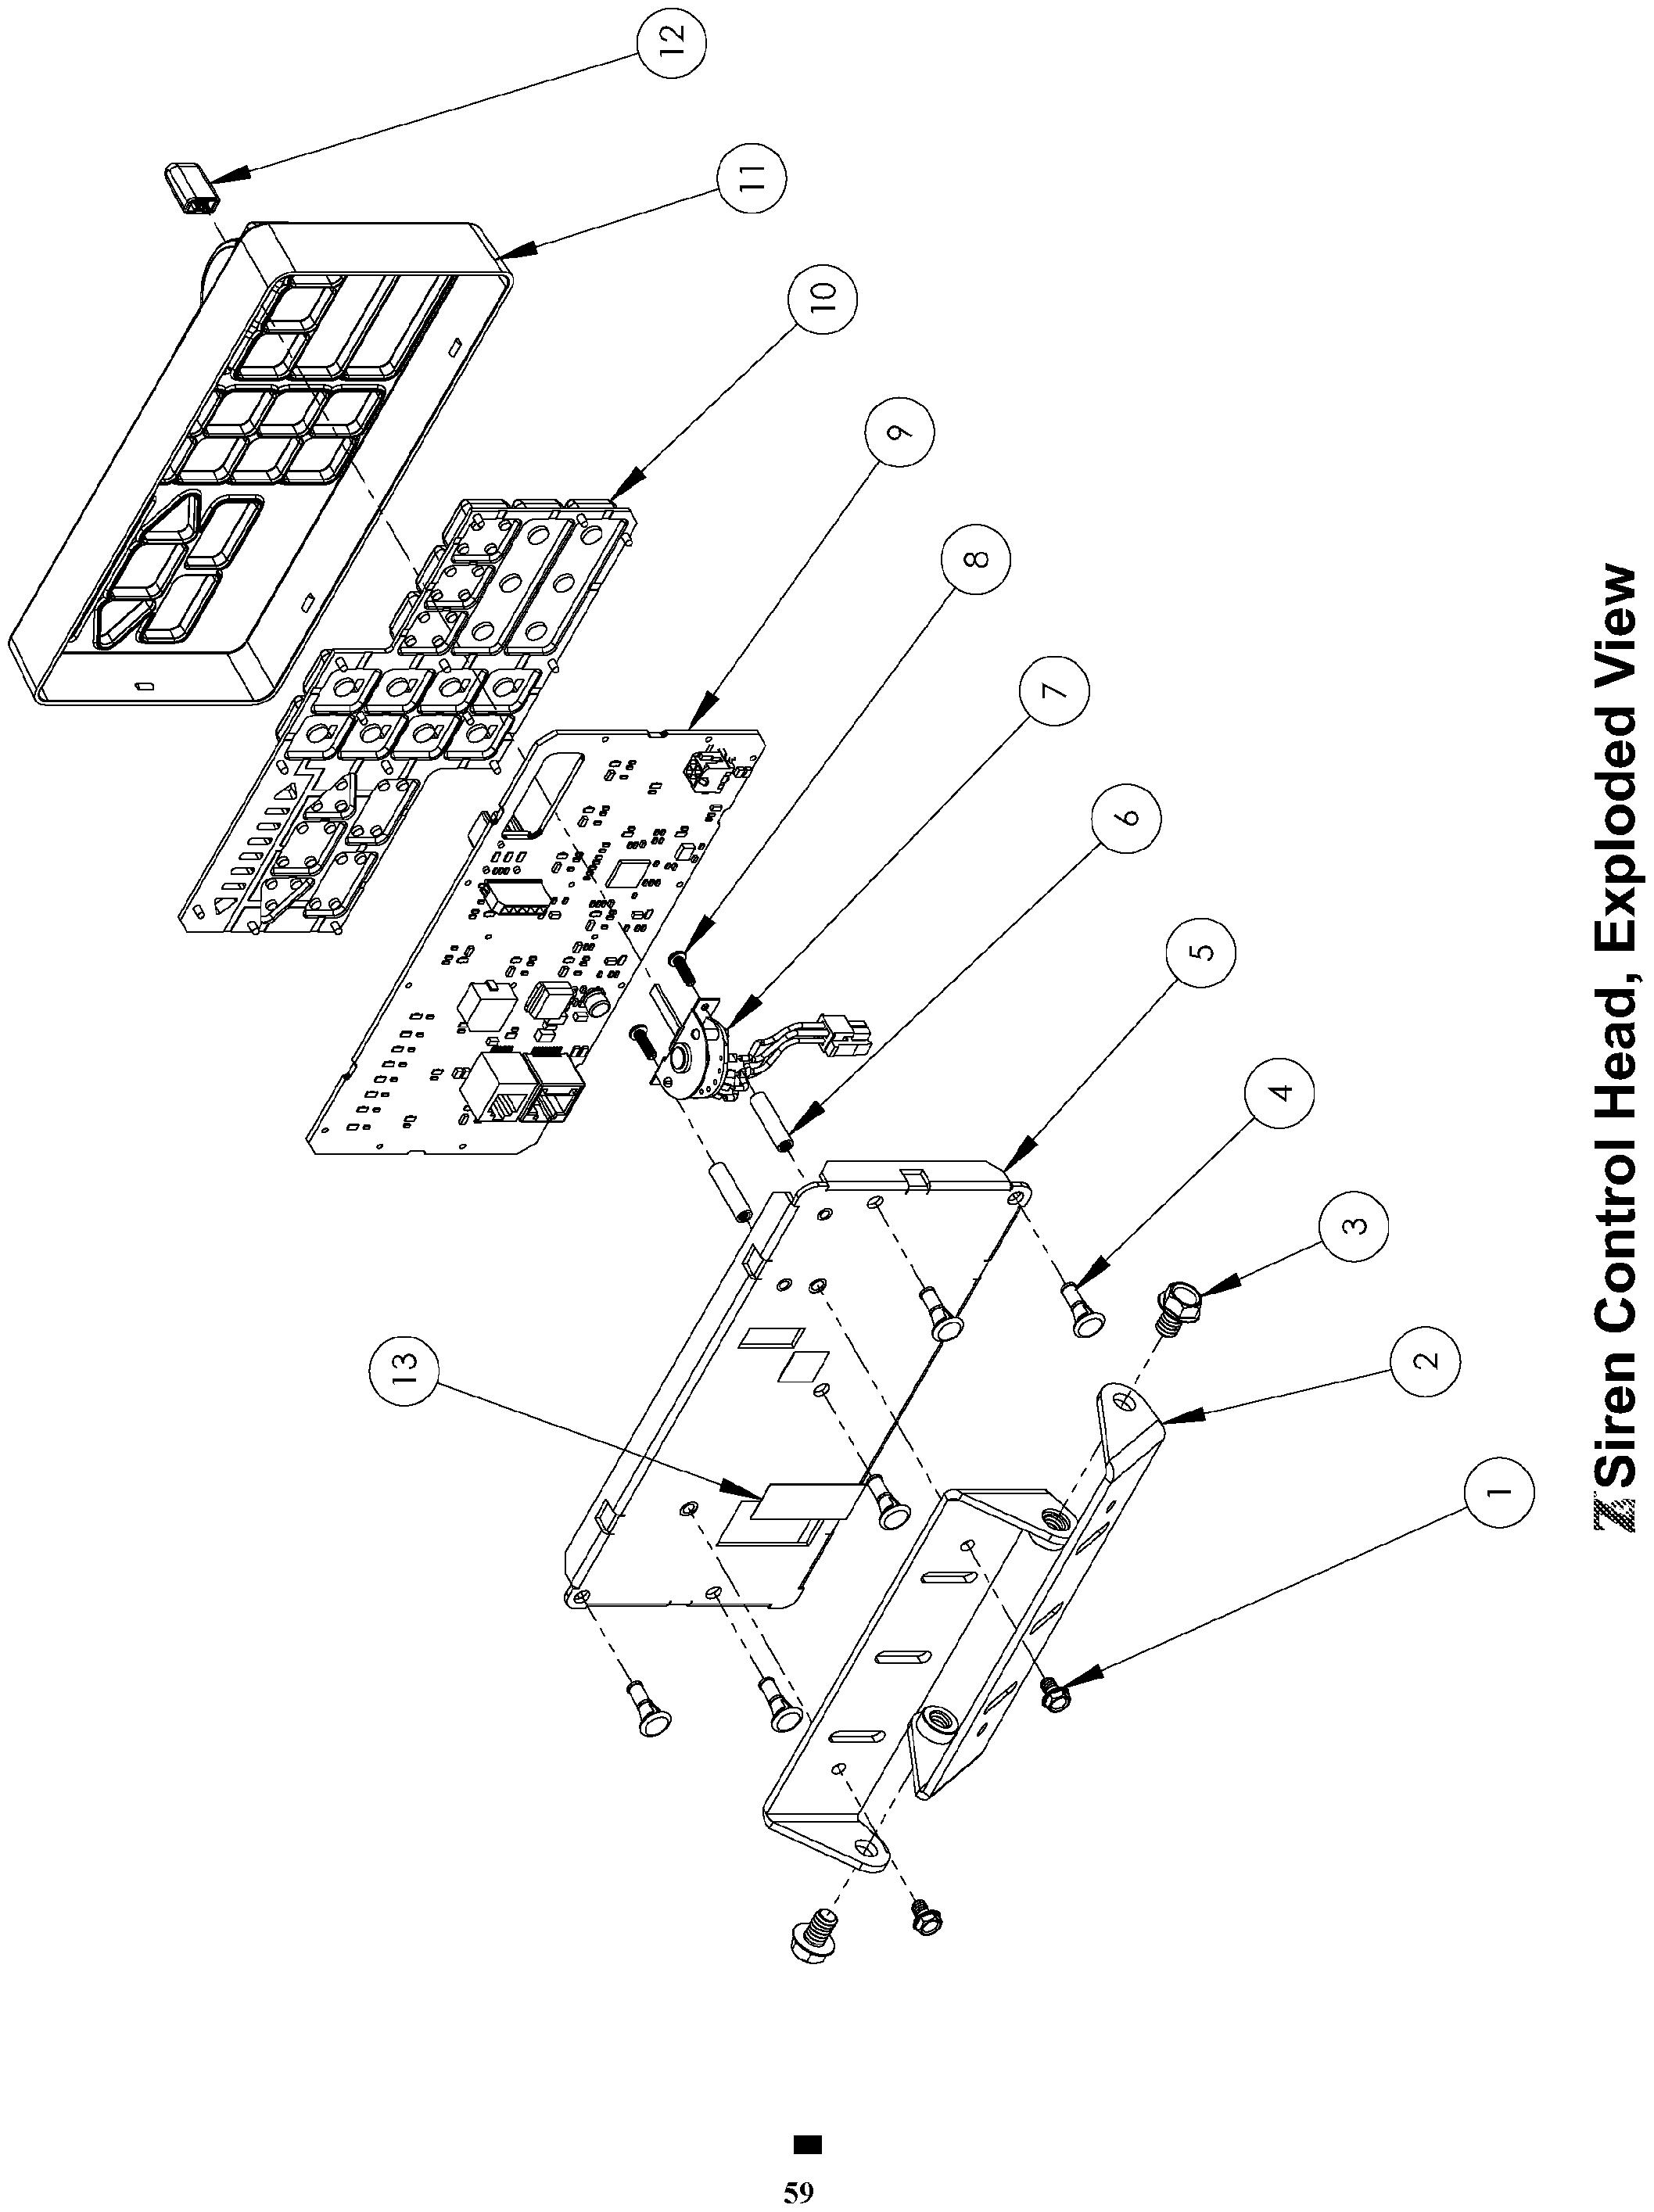 Siren Wiring Diagram